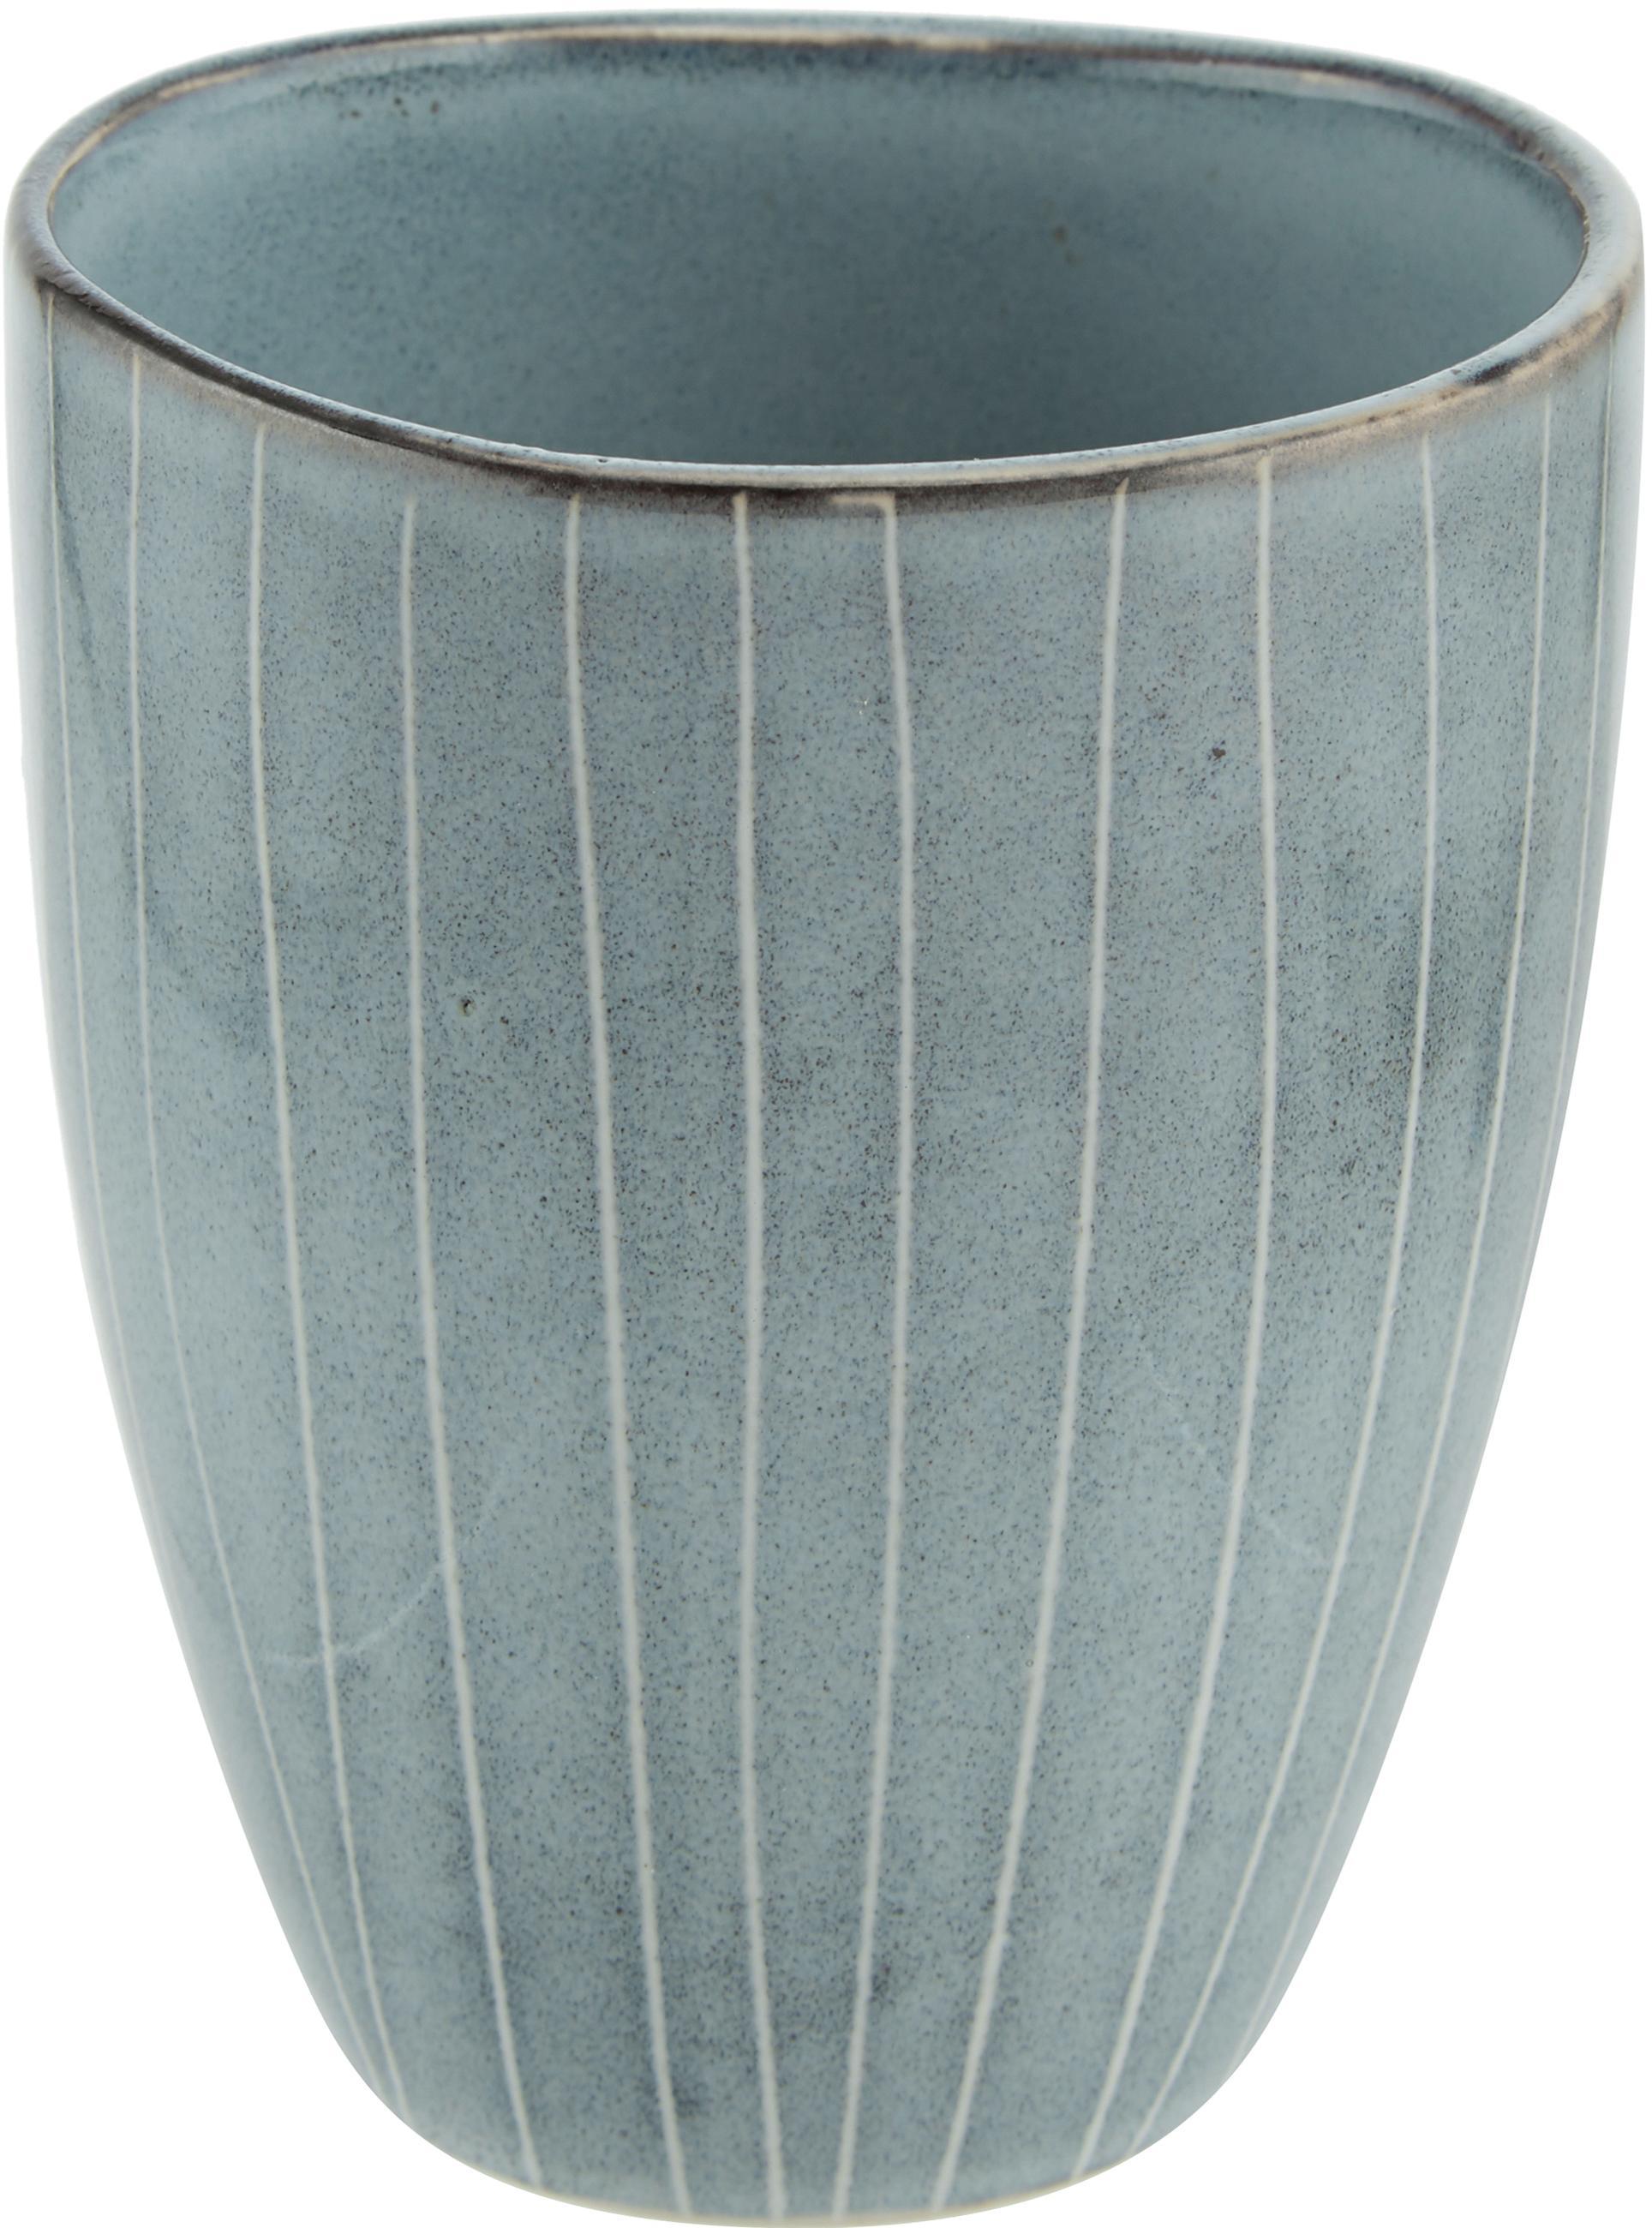 Tazza fatta a mano Nordic Sea, 6 pz., Gres, Grigio, blu, Ø 8 x A 10 cm